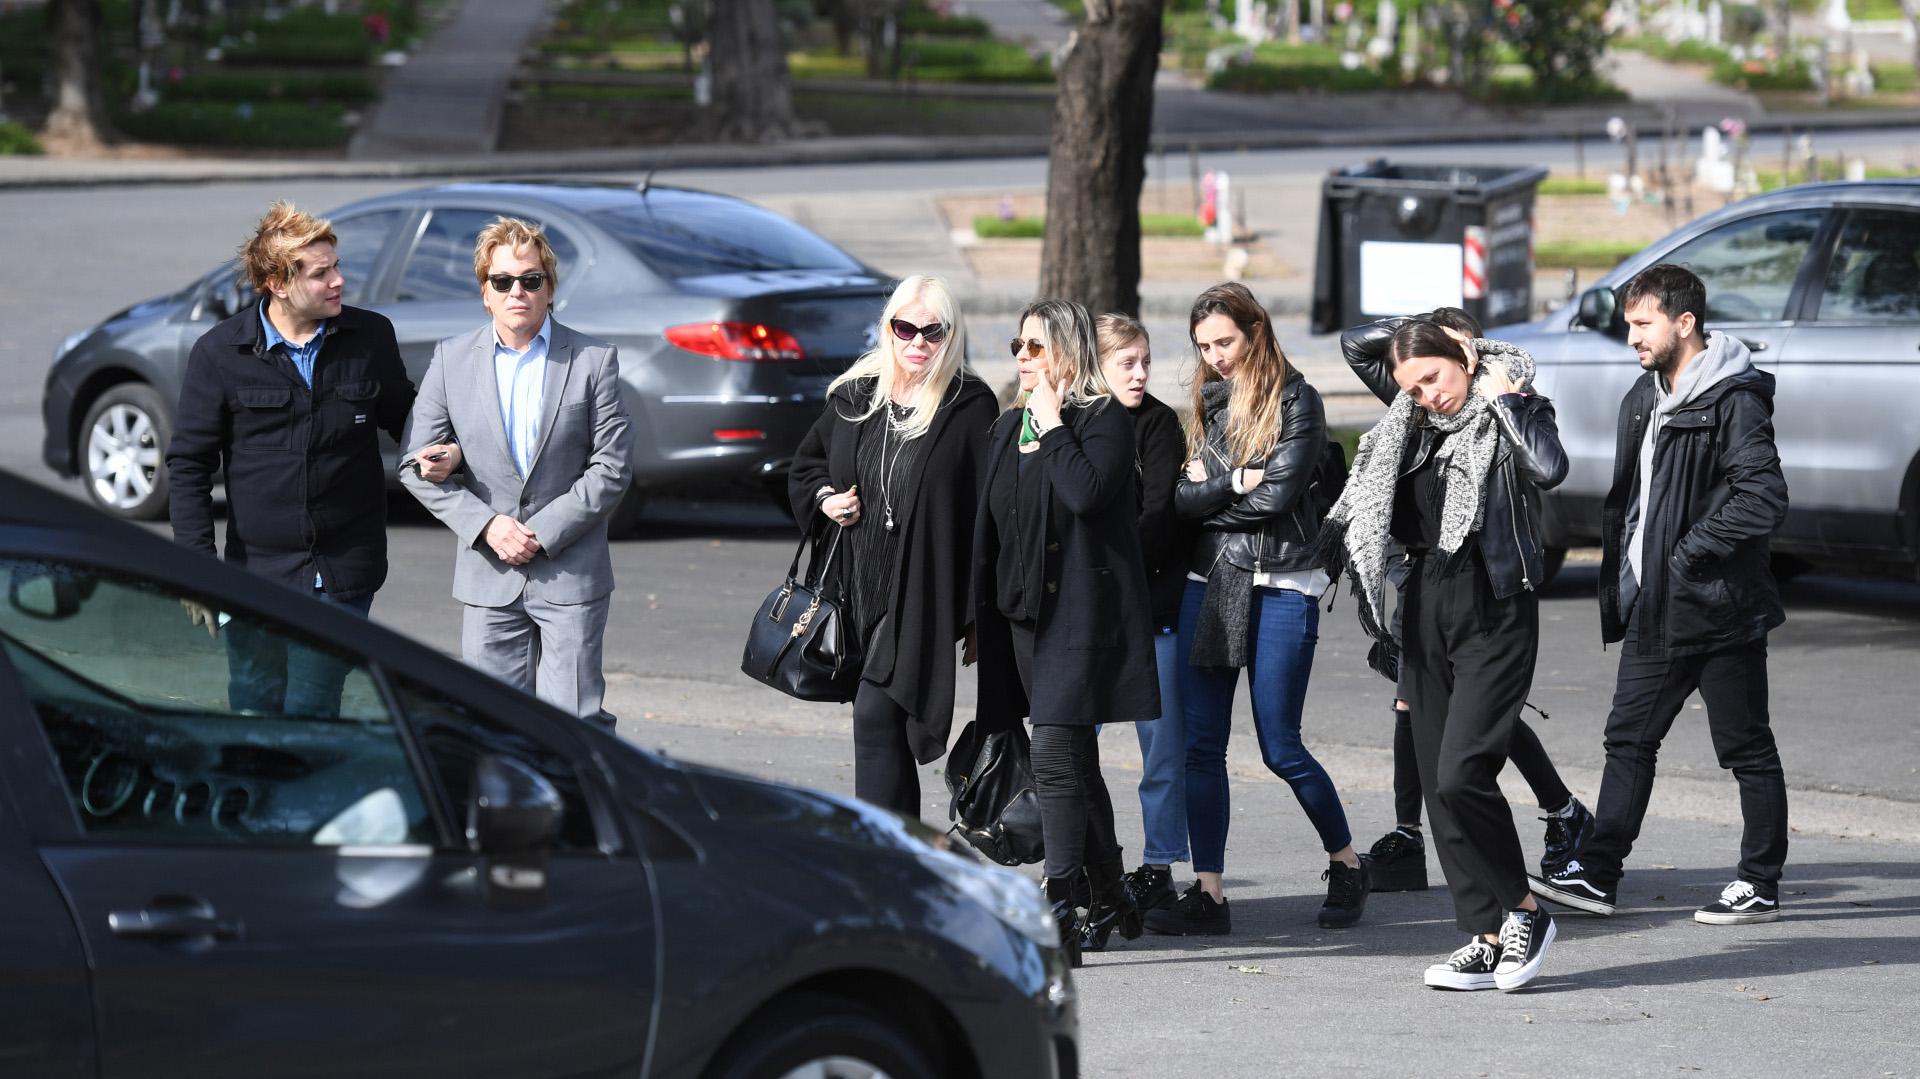 Tomasito, Guido, Silvia, Norma, Marilyn y su marido, tras el último adiós (Fotos: Maximiliano Luna y Darío Batallán)